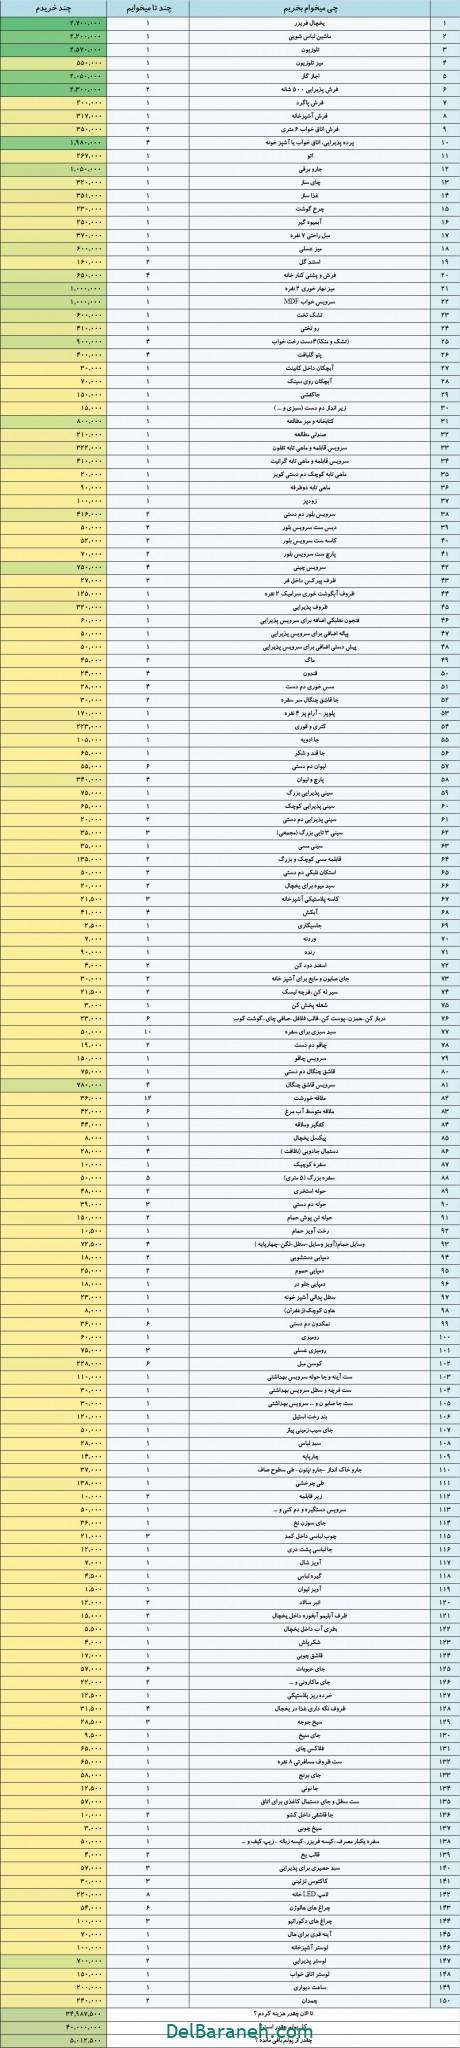 لیست جهیزیه با قیمت -سایت دلبرانه